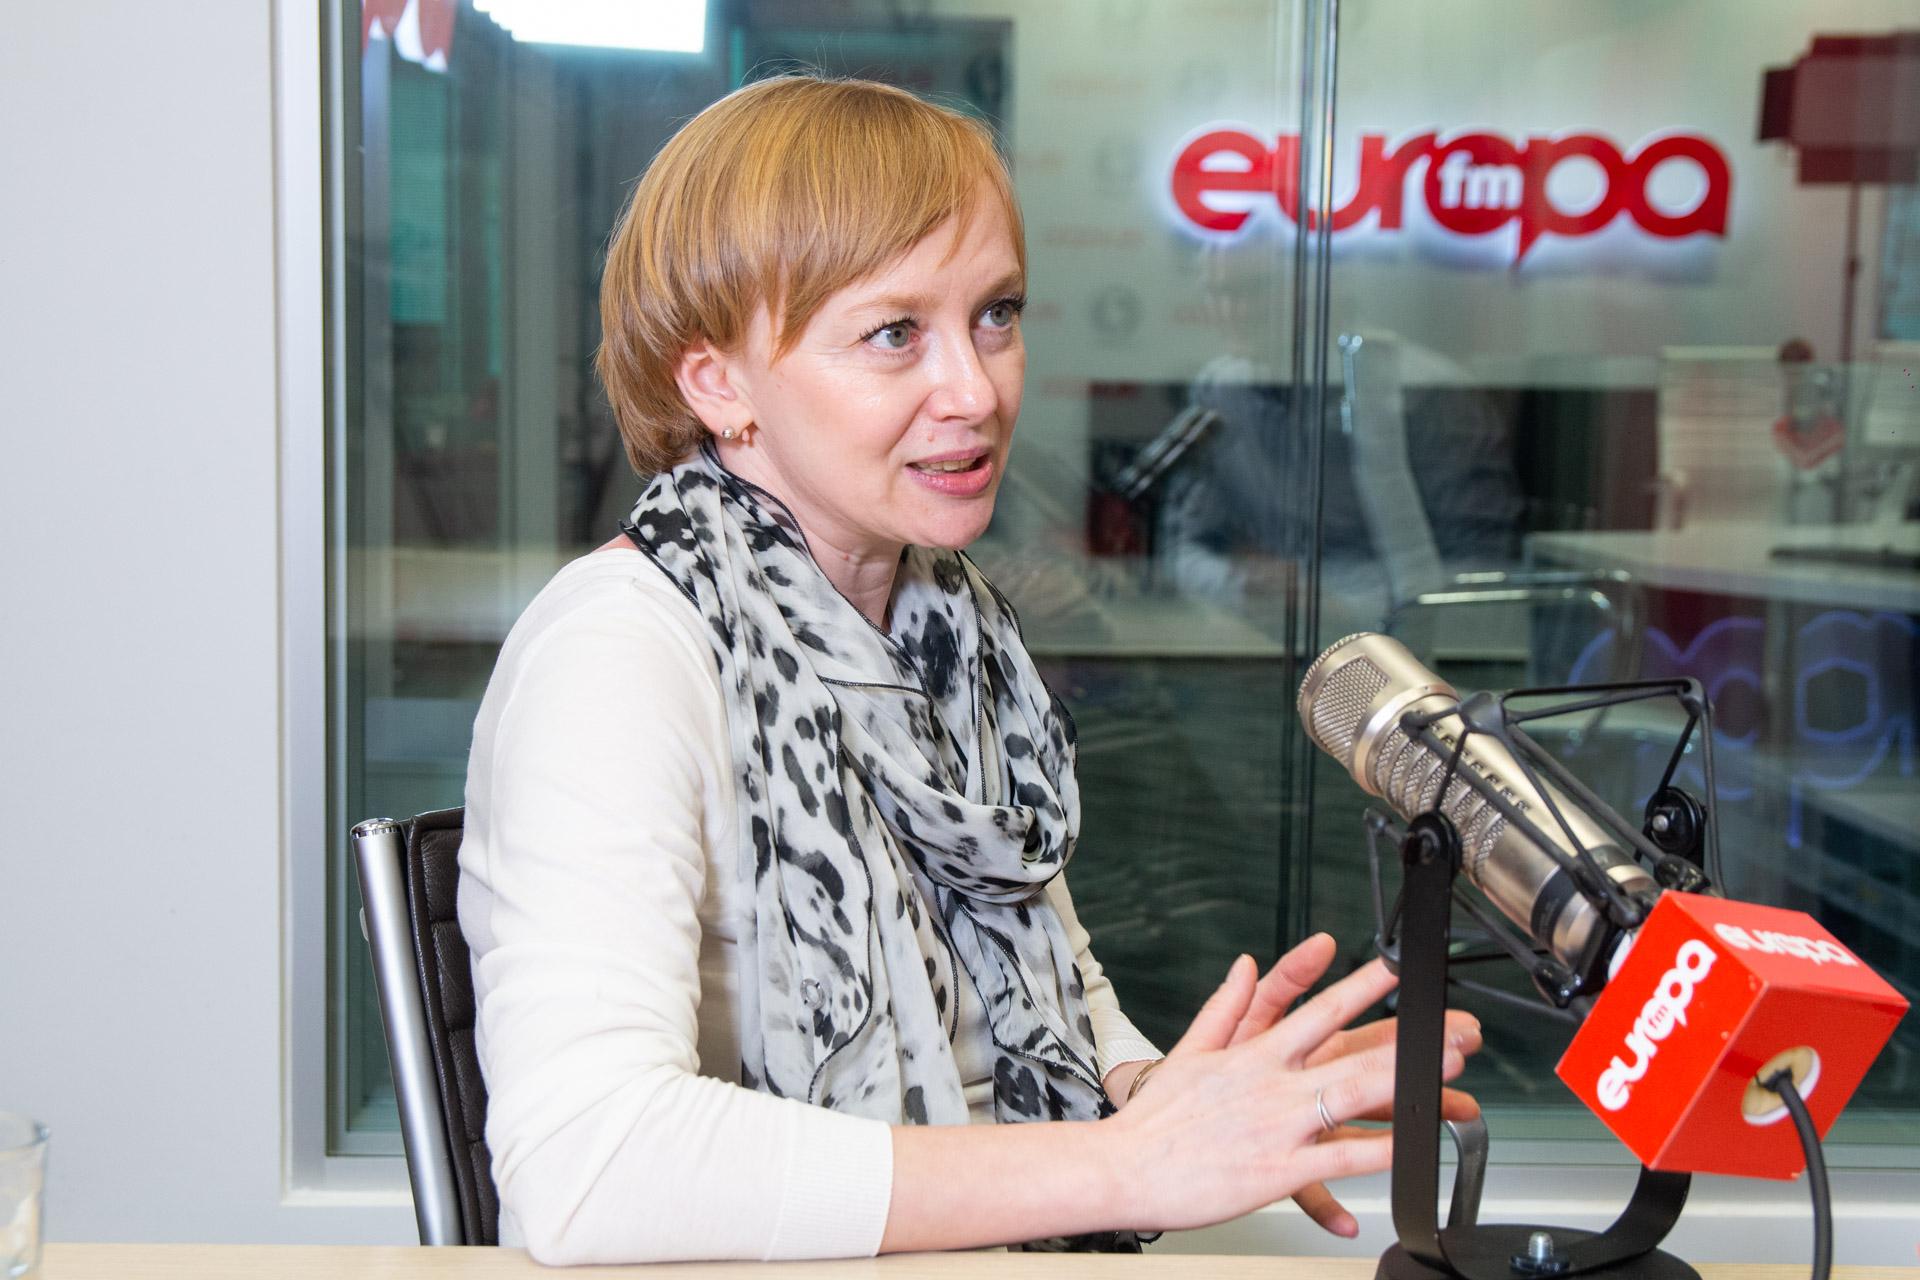 Decizie în dosarul șantajării jurnalistei Emilia Șercan. Foștii șefi ai Academiei de Poliție, închisoare cu suspendare